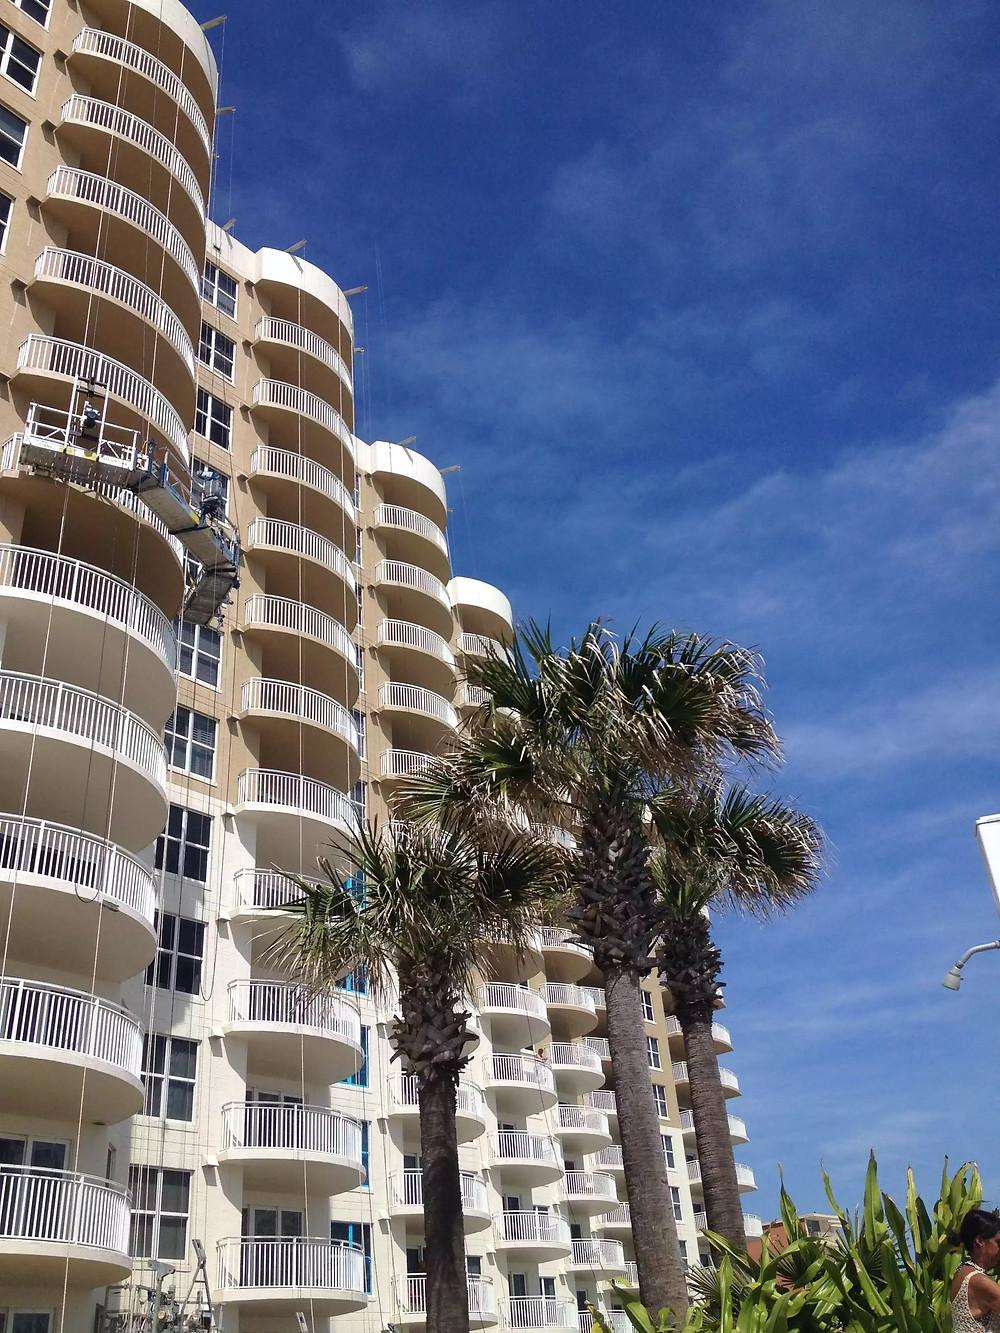 Condos in Daytona Beach Shores